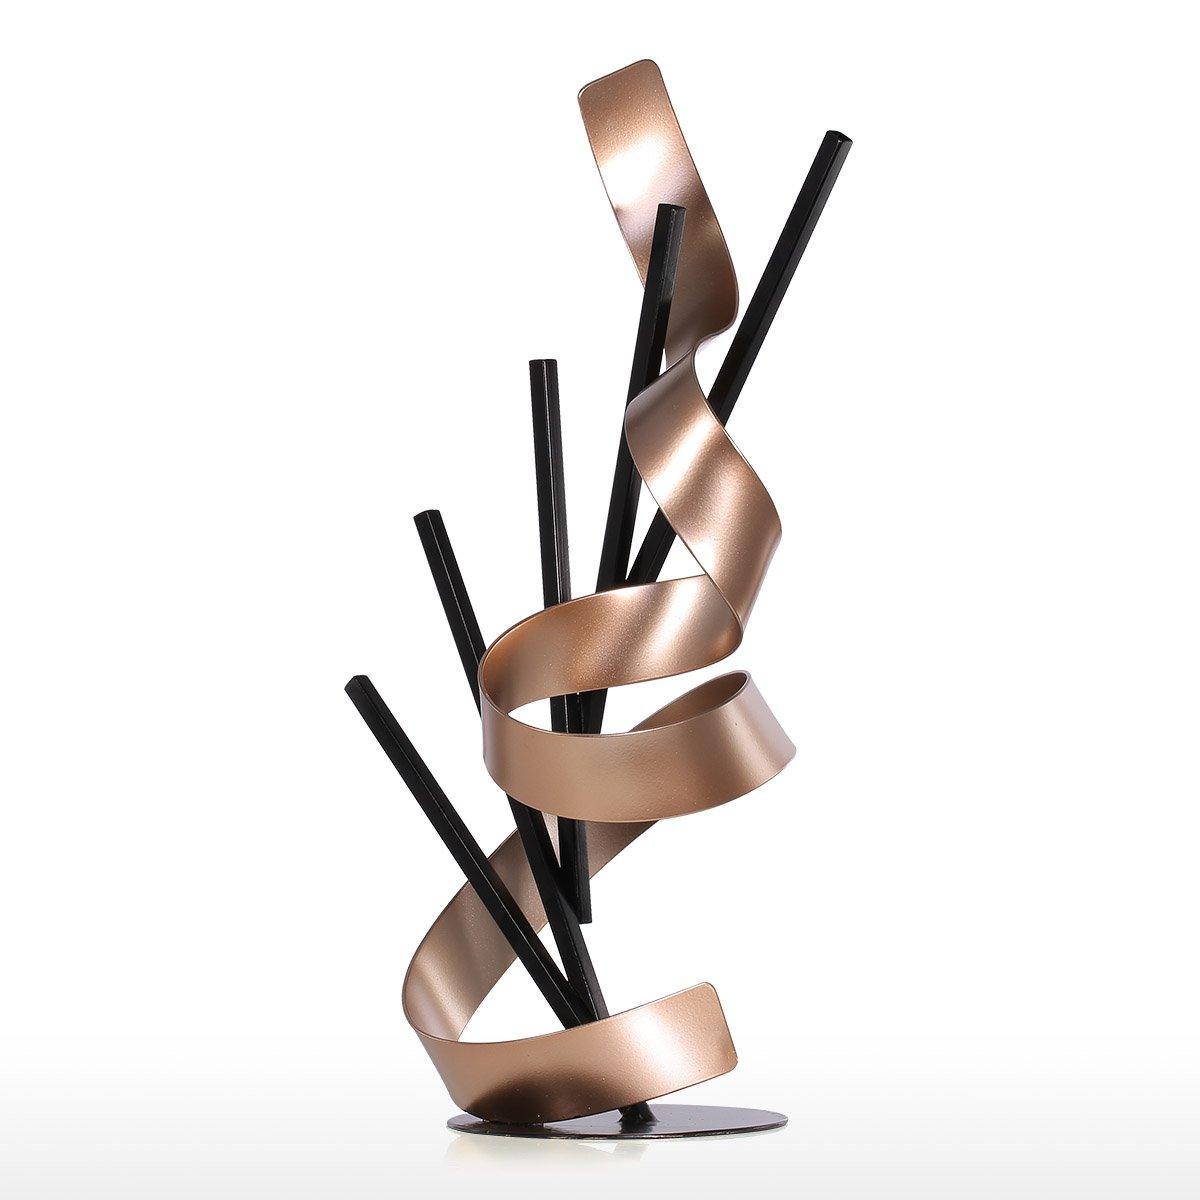 Tooarts L/ínea y Cinta Escultura Abstracta para Oficina Casa